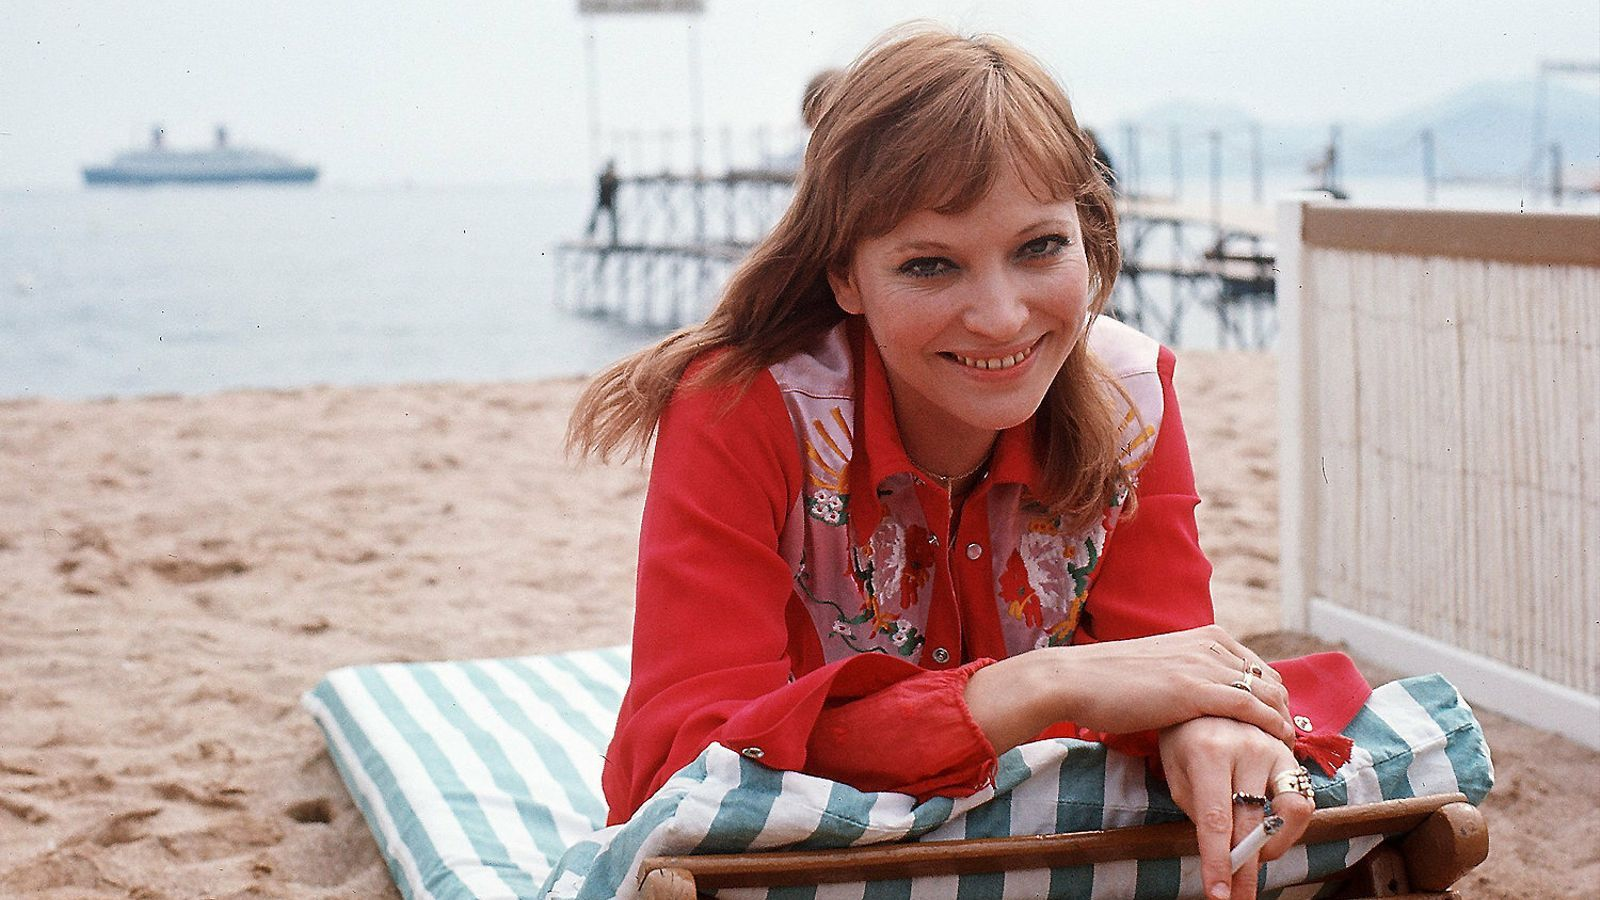 Karina a la platja de Canes durant el festival de cinema de l'any 1972.